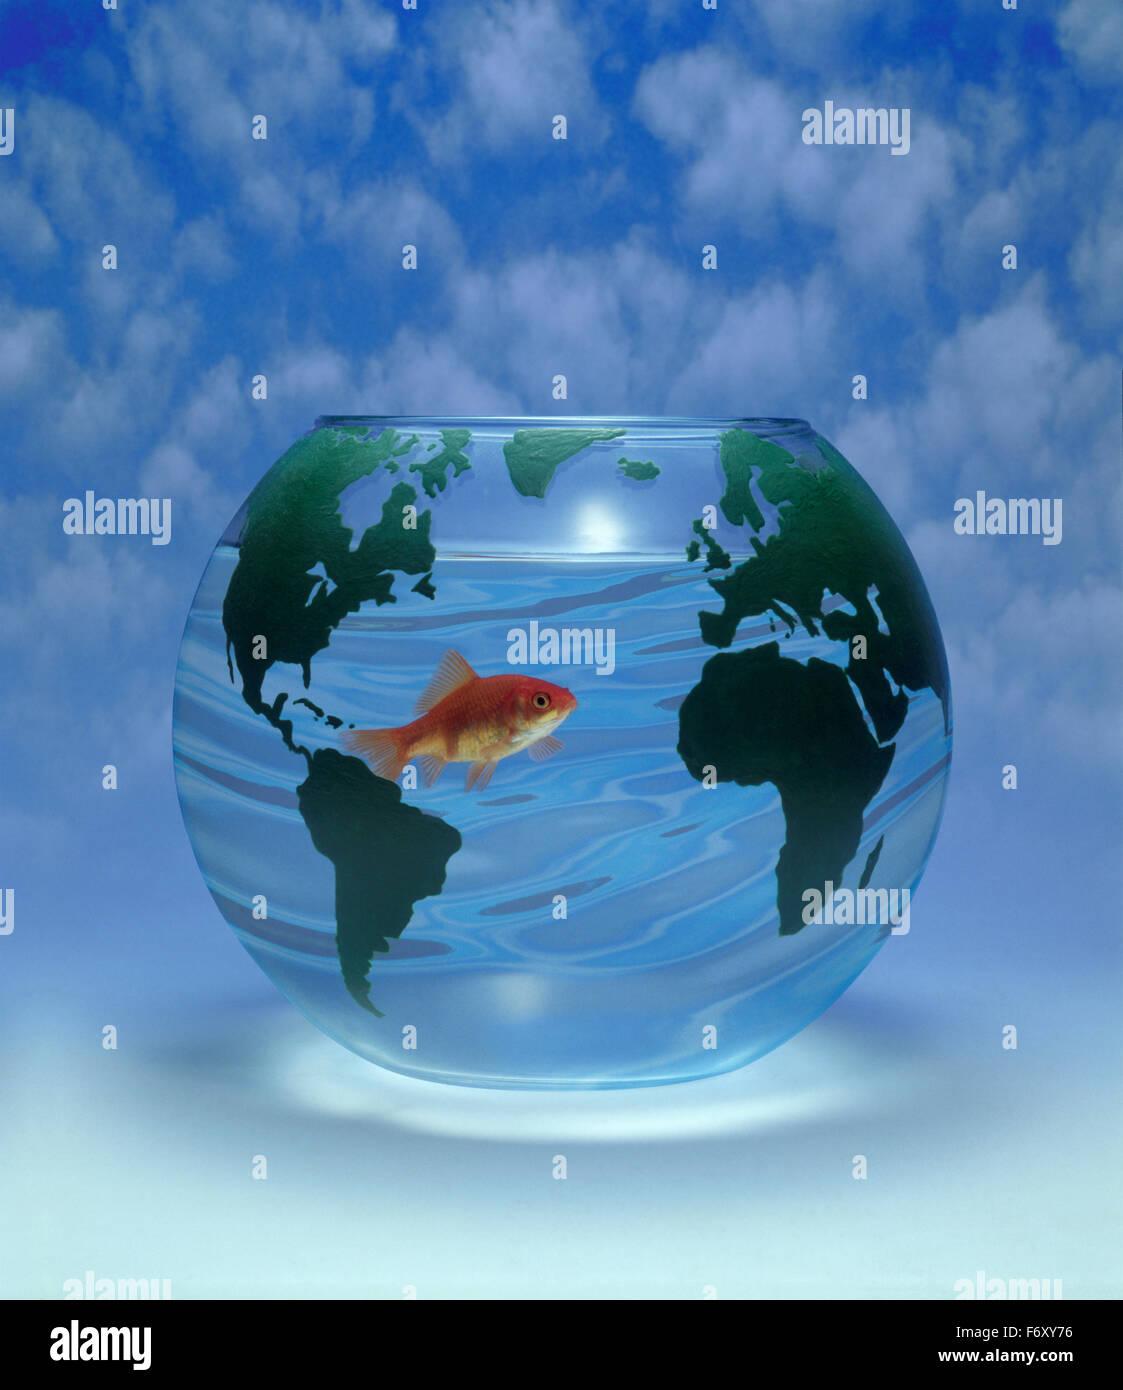 Goldfish in acqua chiara in una ciotola decorata con mappa del mondo per il riscaldamento globale e inquinamento Immagini Stock